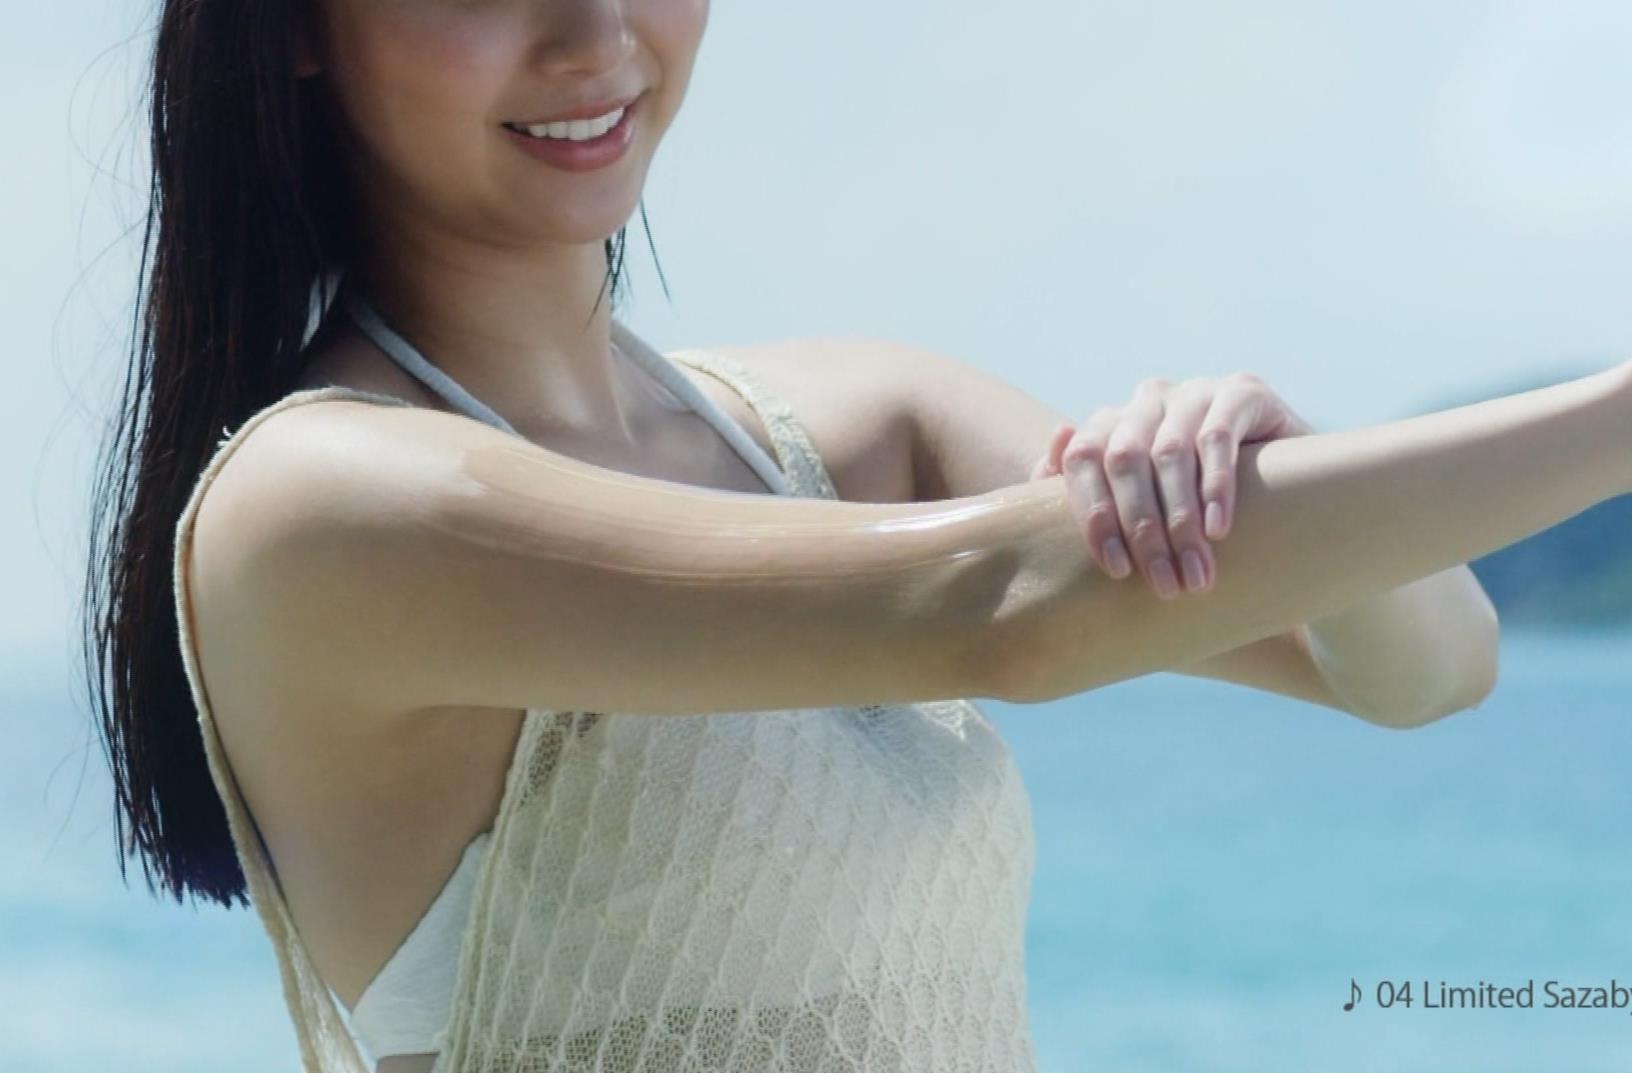 新川優愛 日焼け止めのCMの水着姿がエロいキャプ・エロ画像